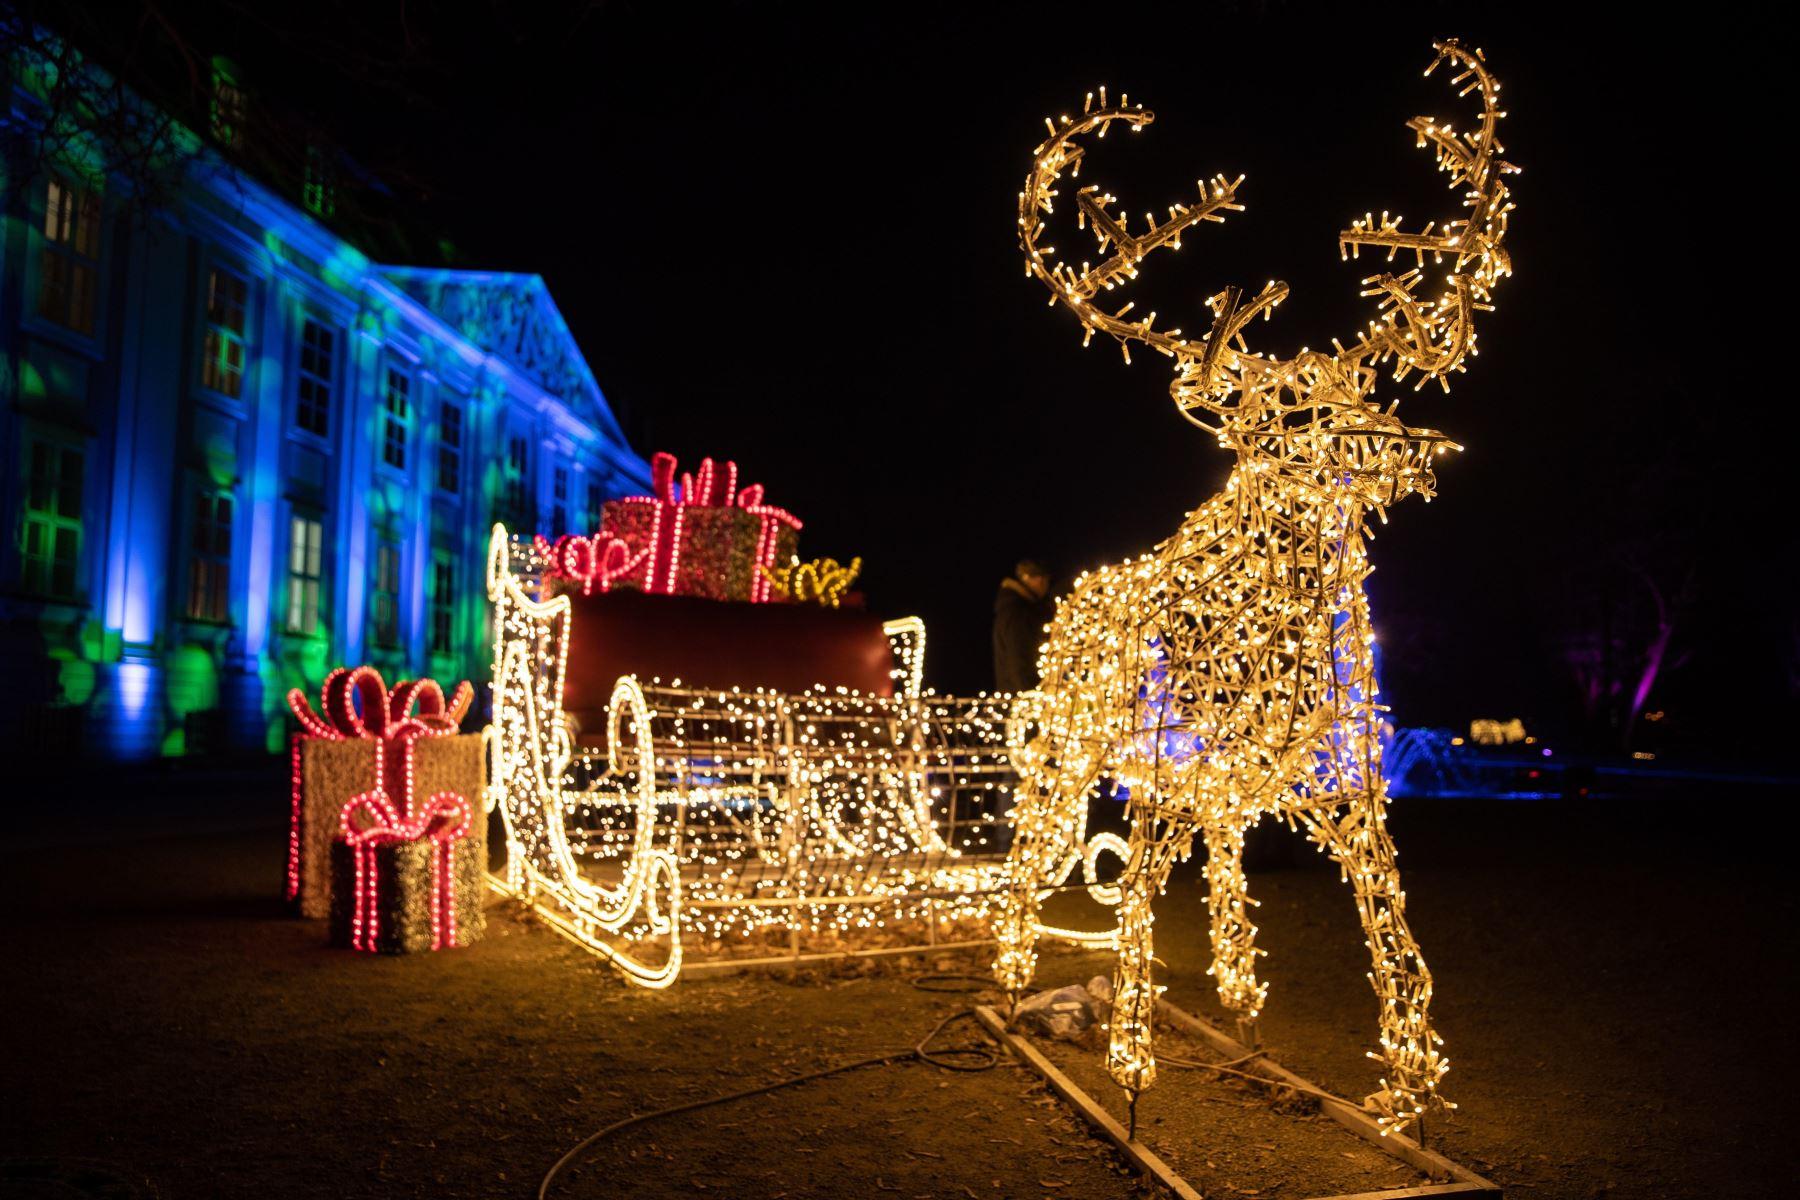 Vista de la instalación navideña iluminada frente al palacio Friedrichsfelde de Berlín (Alemania). Foto: EFE